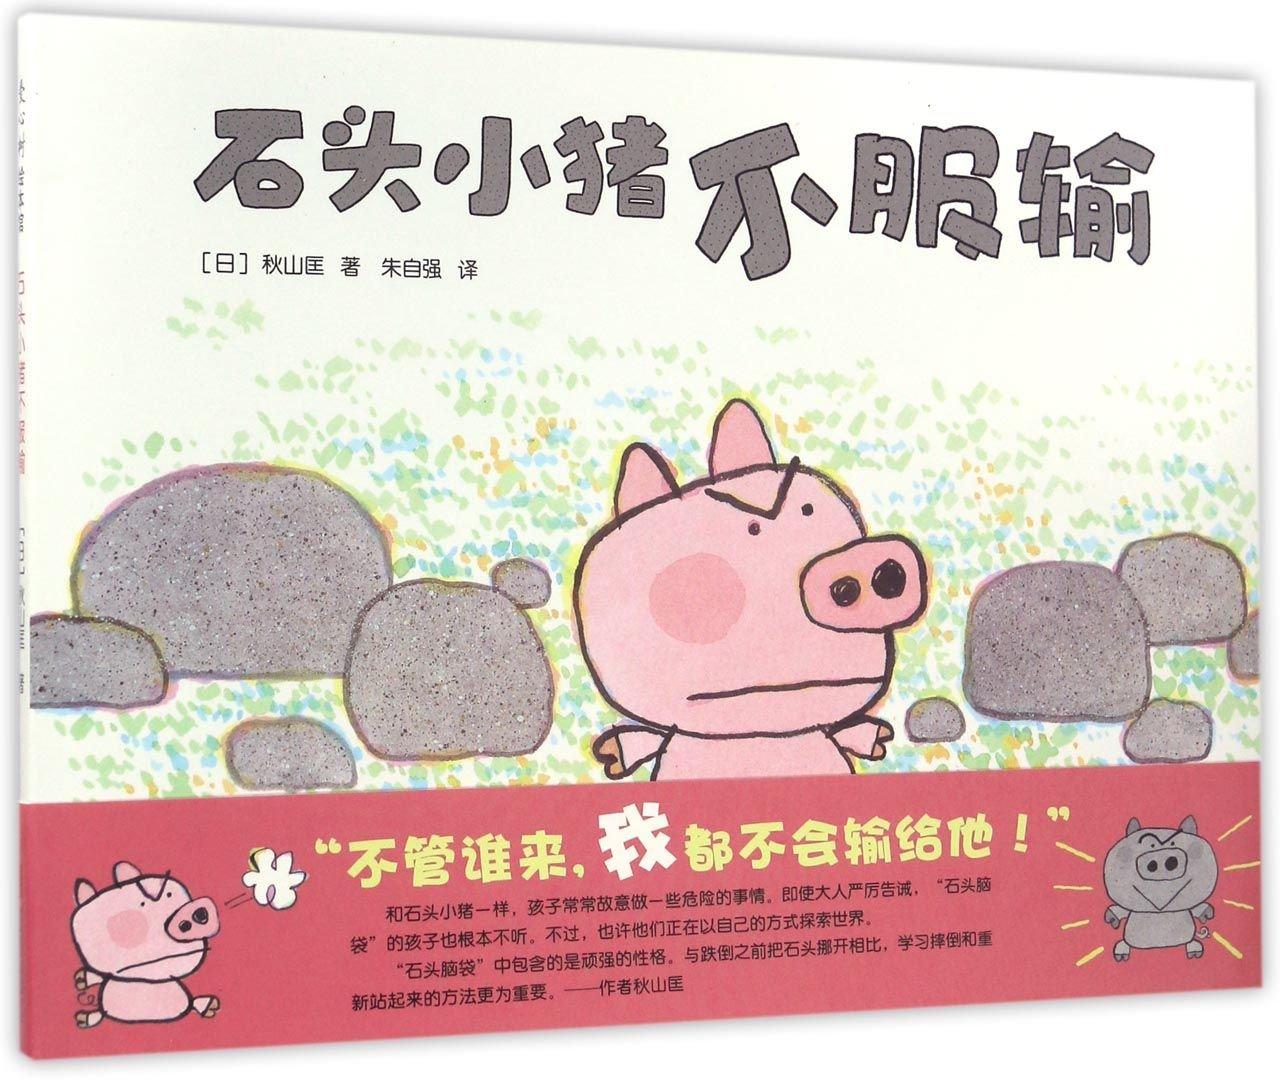 石头小猪不服输